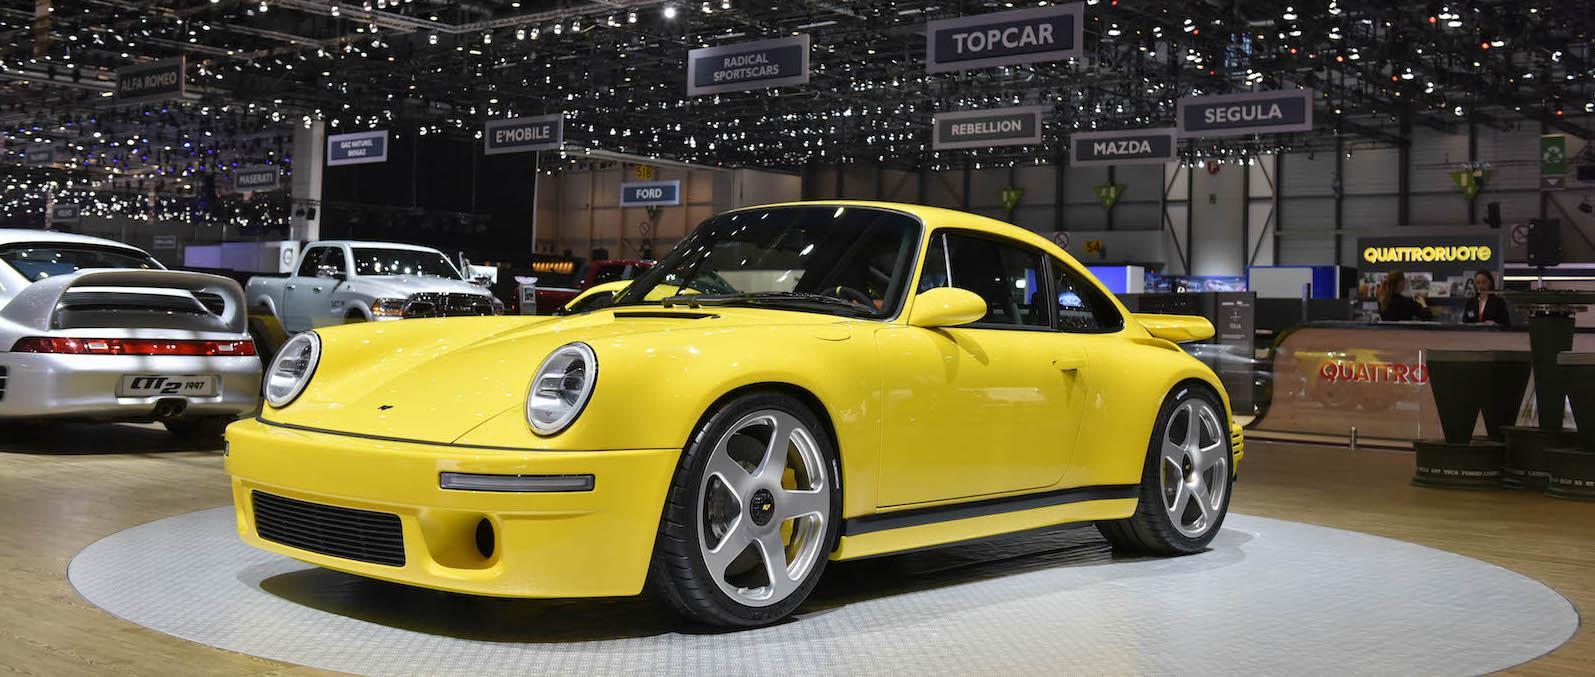 30 years on: Ruf's 2017 CTR Yellowbird